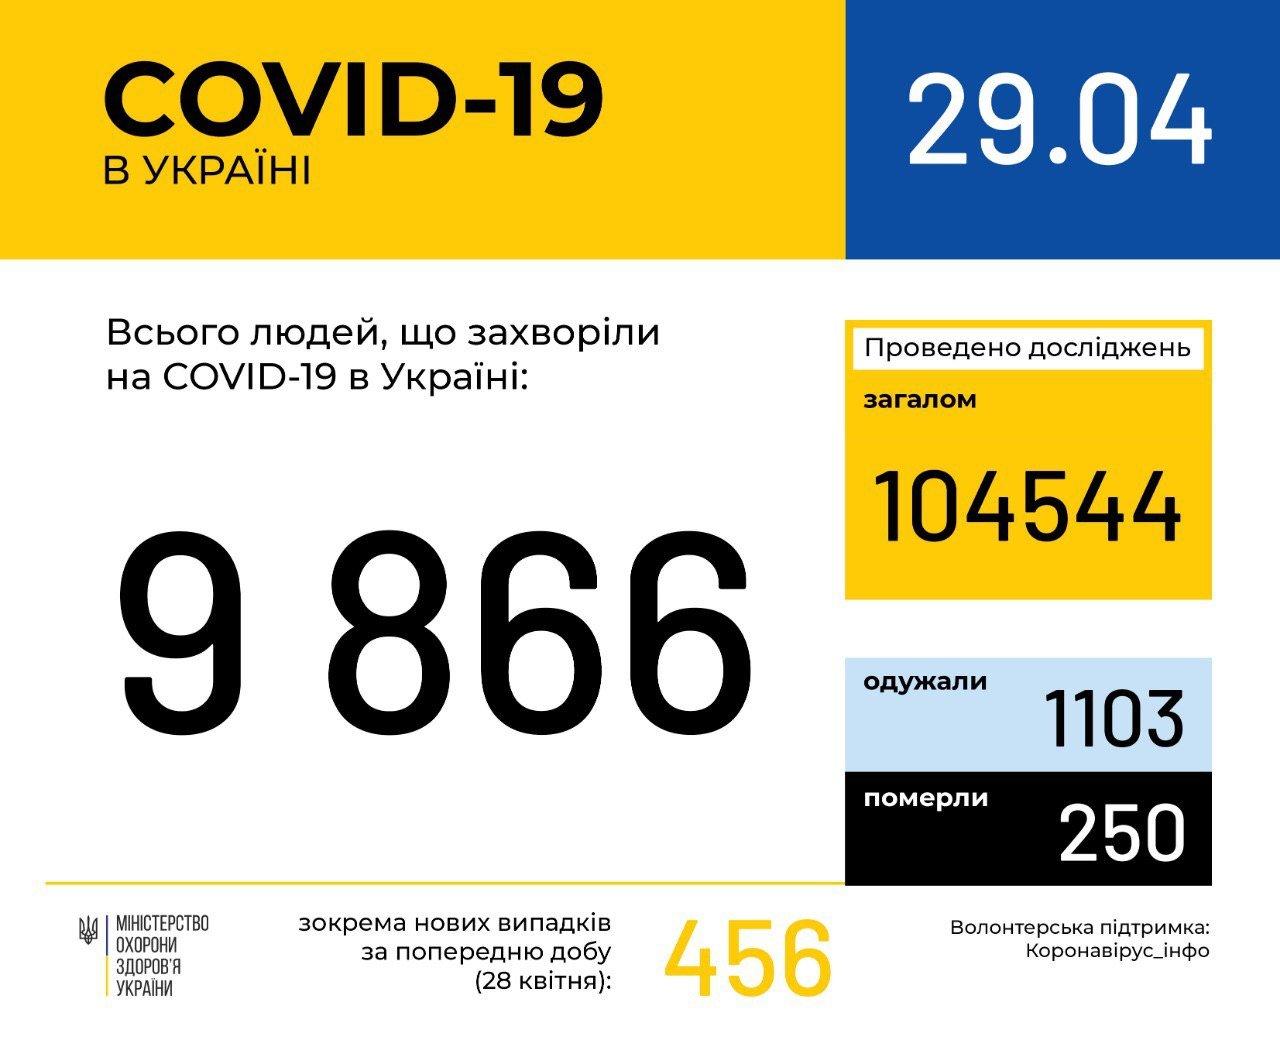 В Україні коронавірусом інфіковані майже 10 тисяч: у яких областях небезпечна ситуація